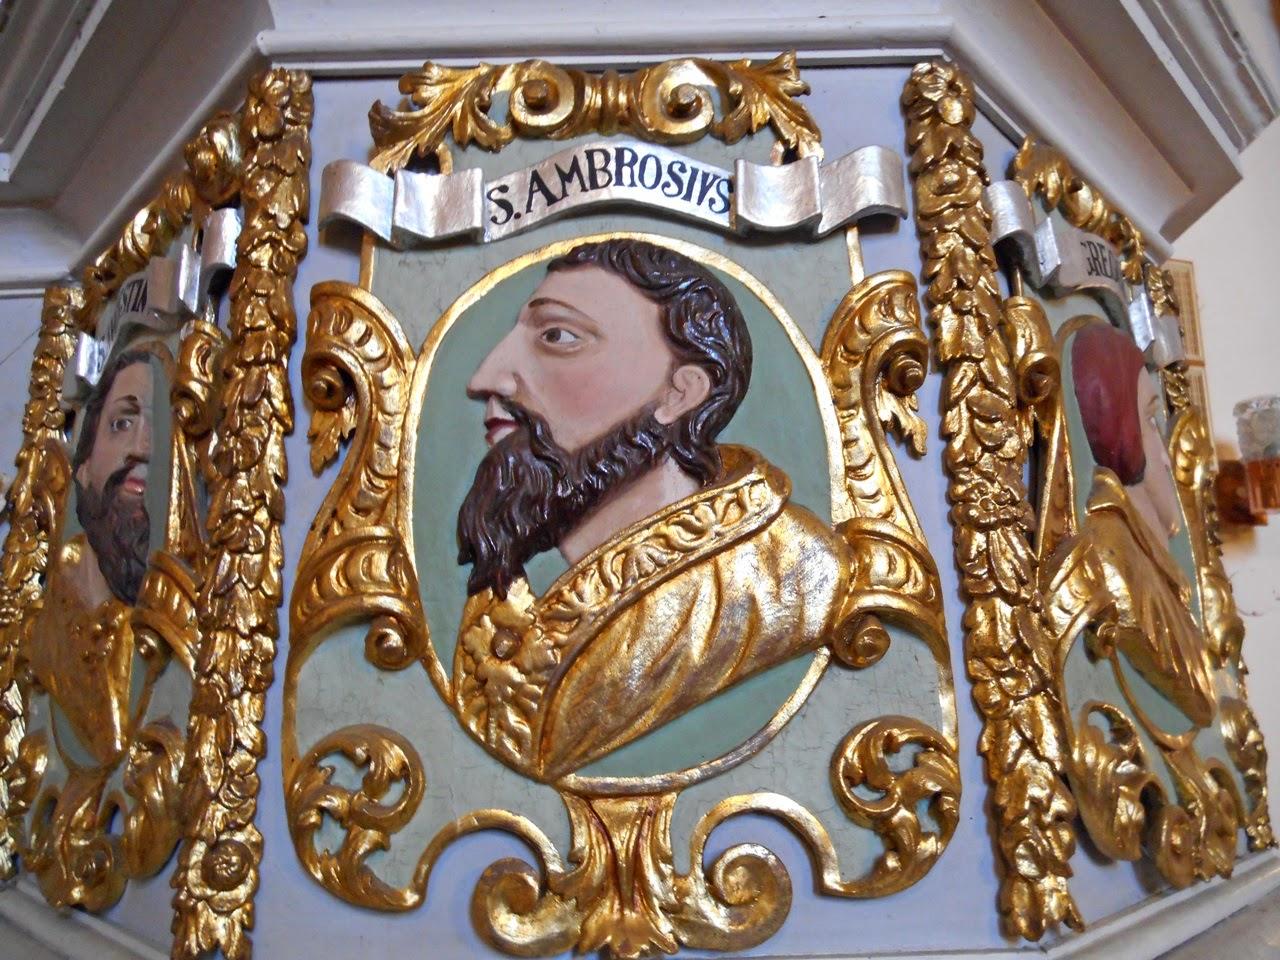 rzeźba, złoto, wyposażenie kościoła, sztuka